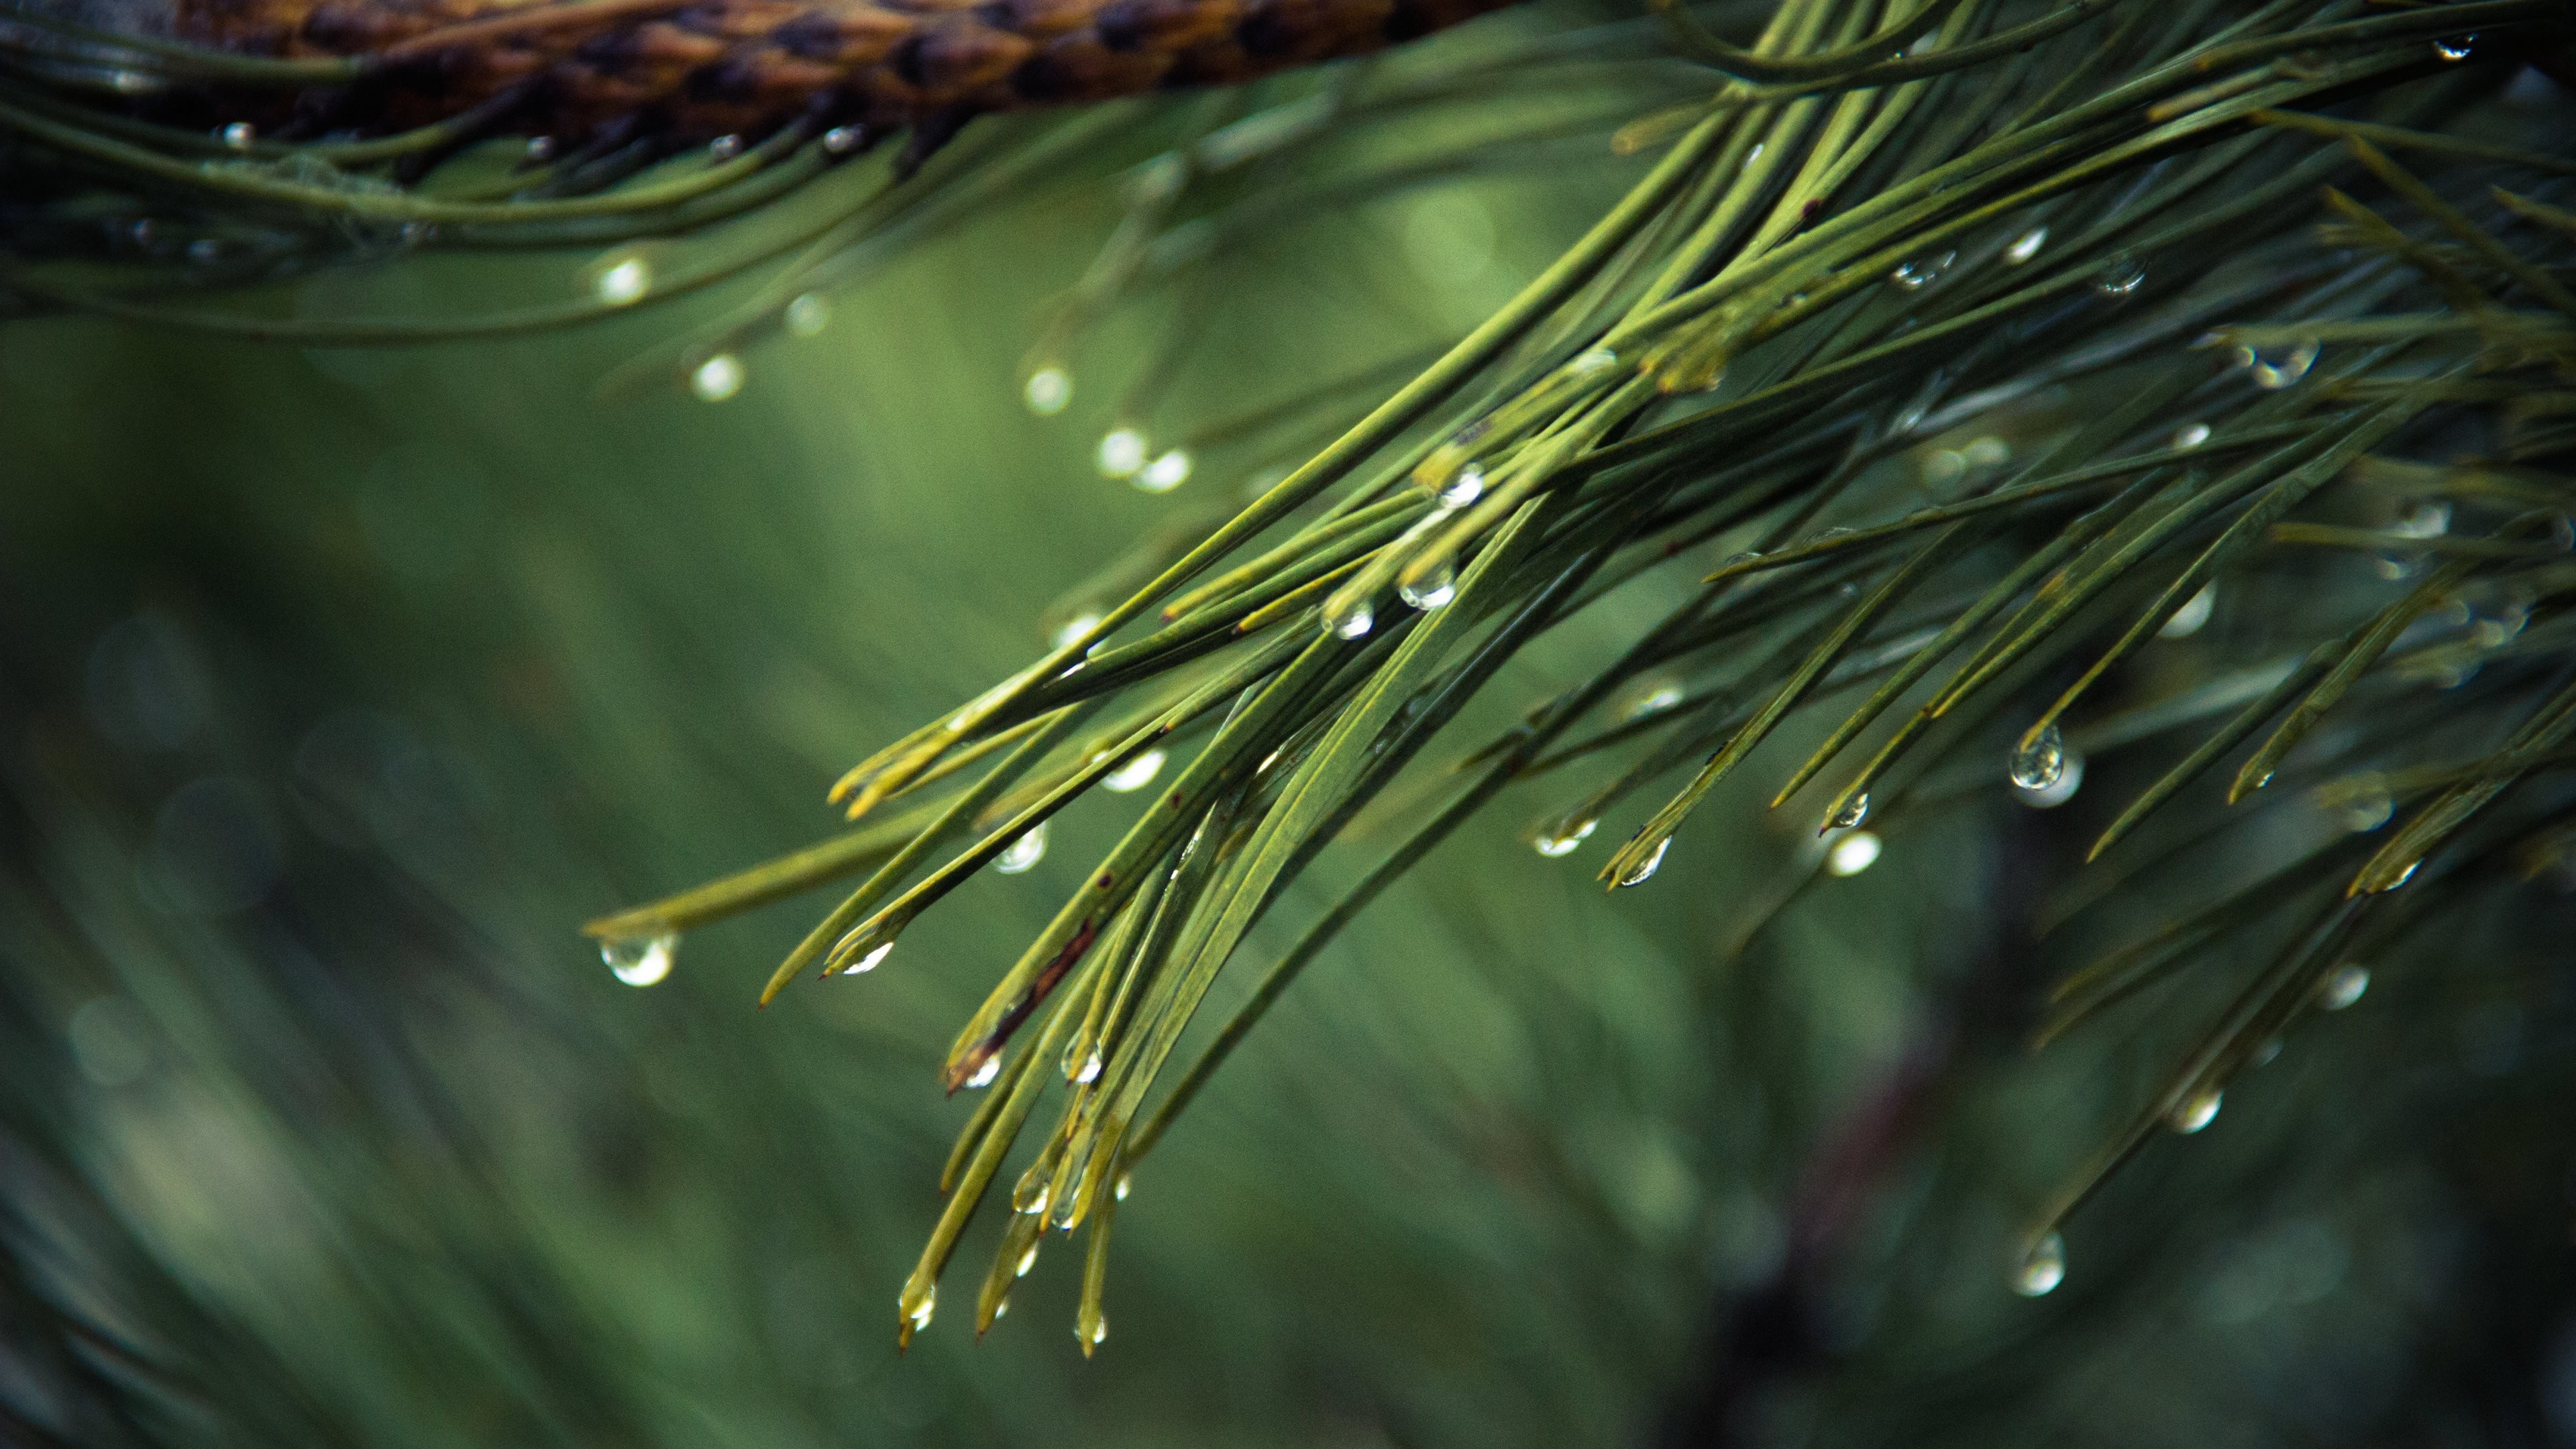 Res: 3840x2160, Dew on Pine Tree